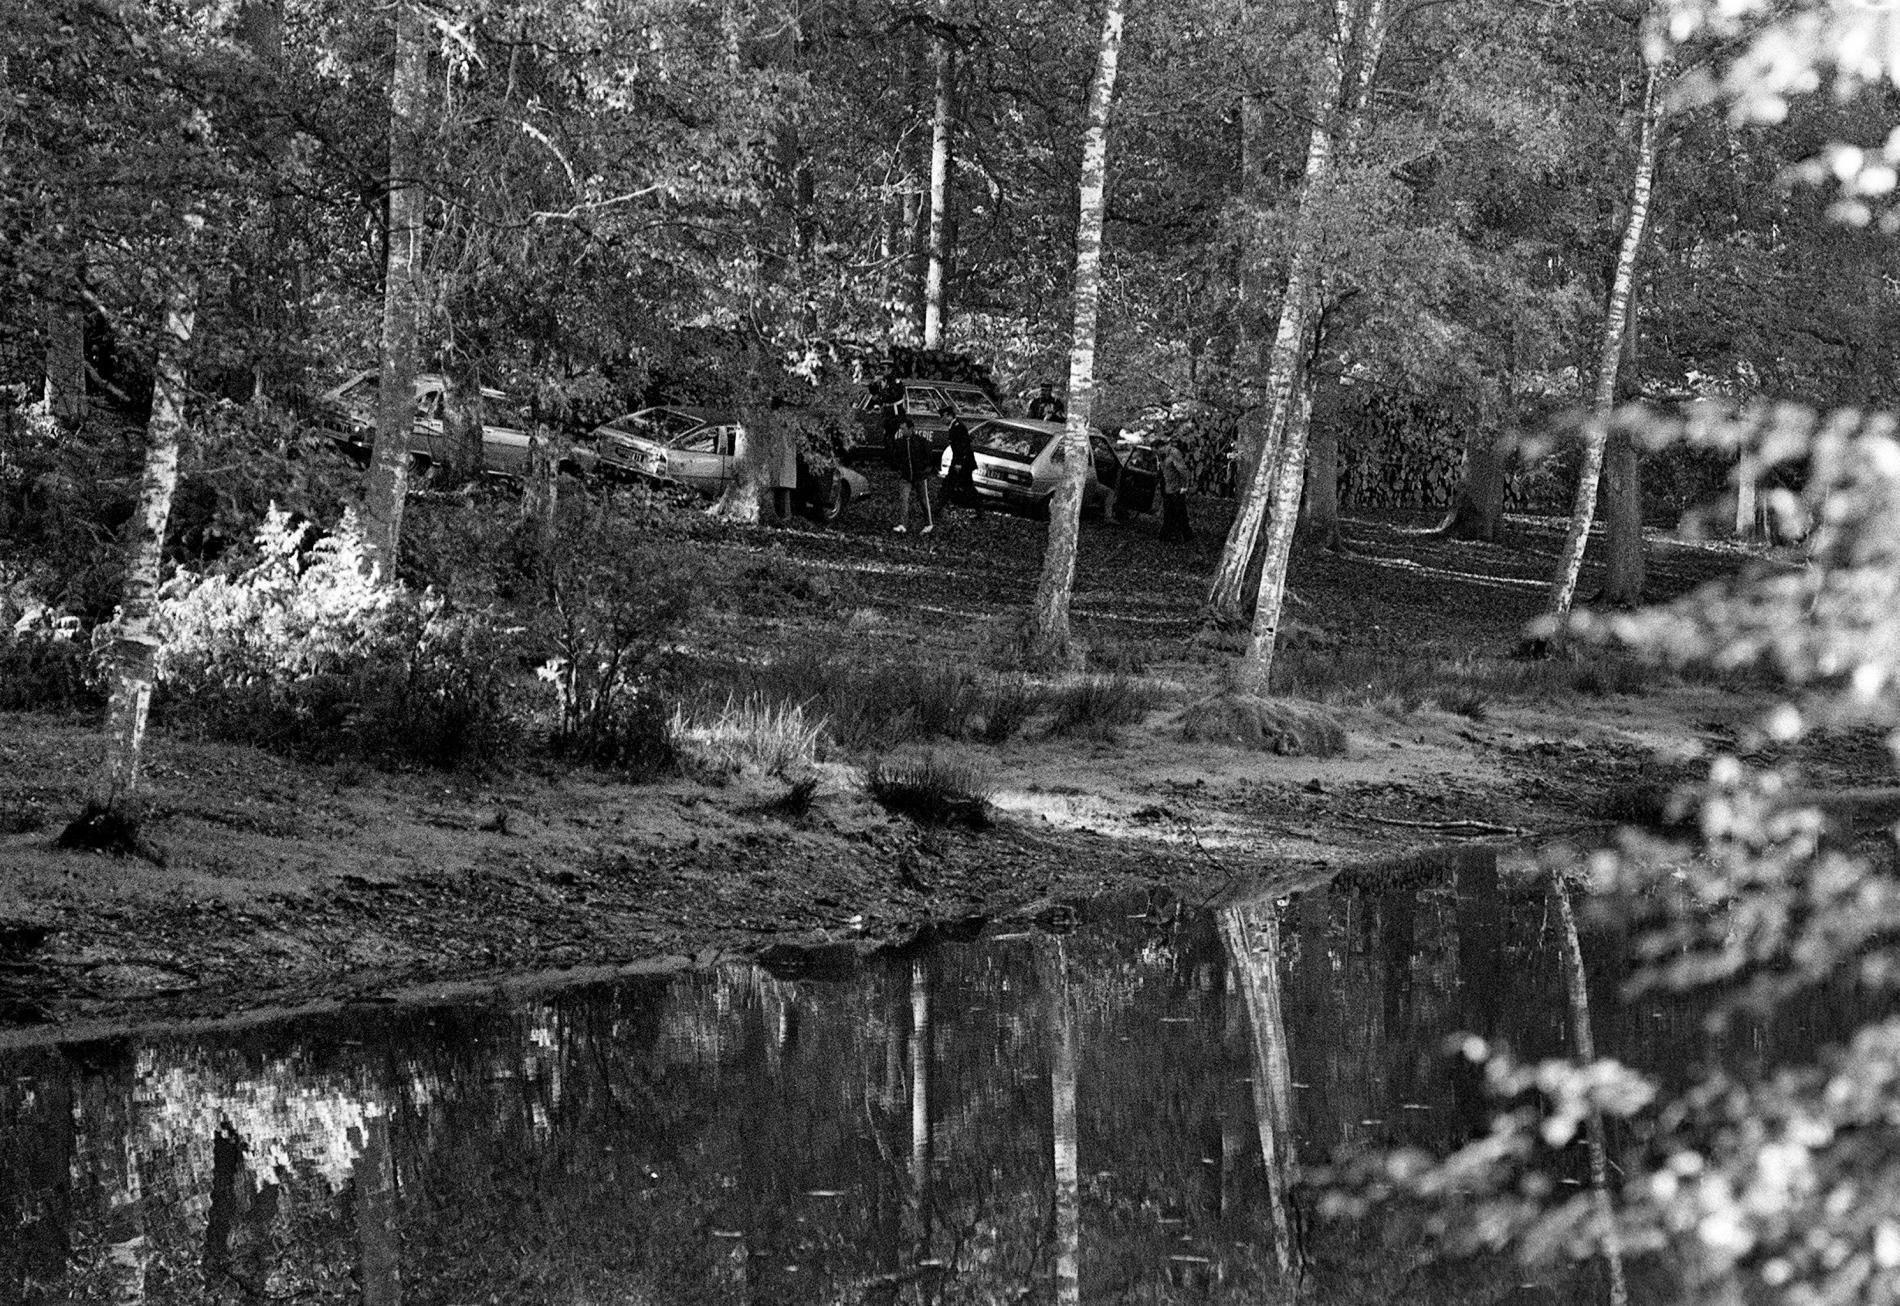 Des policiers examinentles lieux près de l\'étang Rompu, dans la forêt de Rambouillet (Yvelines), le 30 octobre 1979, après la découverte du corps du ministre Robert Boulin.